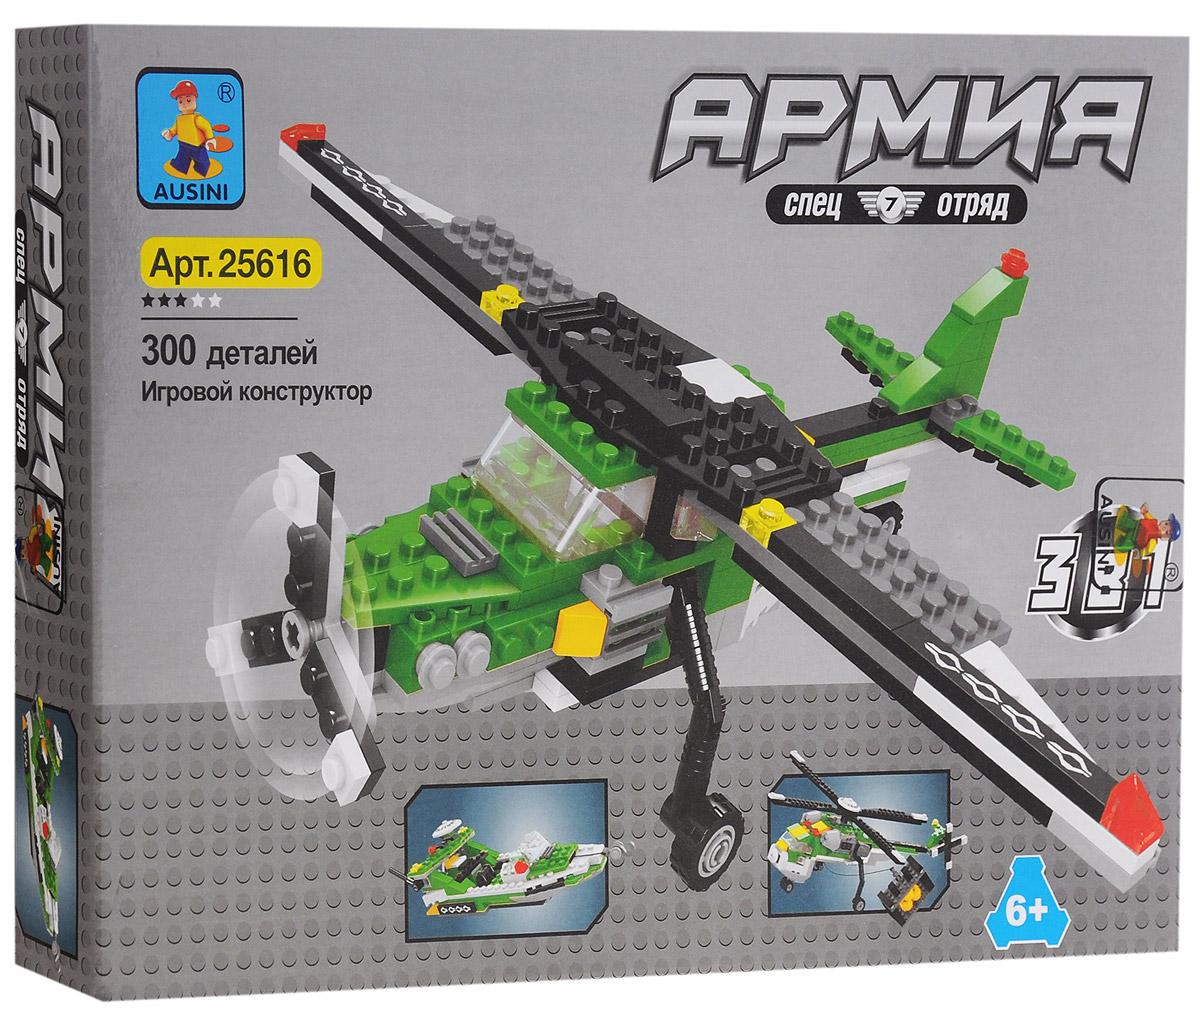 Ausini Конструктор Авиатехника 3 в 1 2561625616Конструктор Ausini Авиатехника 3 в 1 состоит из 300 элементов, с помощью которых ребенок сможет построить легкомоторный самолет, грузовой вертолет и катер. Детали между собой прекрасно скрепляются, а также совместимы с конструкторами других марок. Малыш часами будет играть с этим конструктором, придумывая разные истории и комбинируя детали. Конструктор Ausini Авиатехника 3 в 1 - это замечательная развивающая игрушка, которая послужит не только в качестве развлечения вашего ребенка, но и поможет ему в совершенствовании таких жизненно важных навыков, как мелкая моторика, тактильное и визуальное восприятие, мышление, воображение, внимательность и усидчивость, а также познакомит его с основами моделирования и конструирования. Совместим с конструкторами Лего.